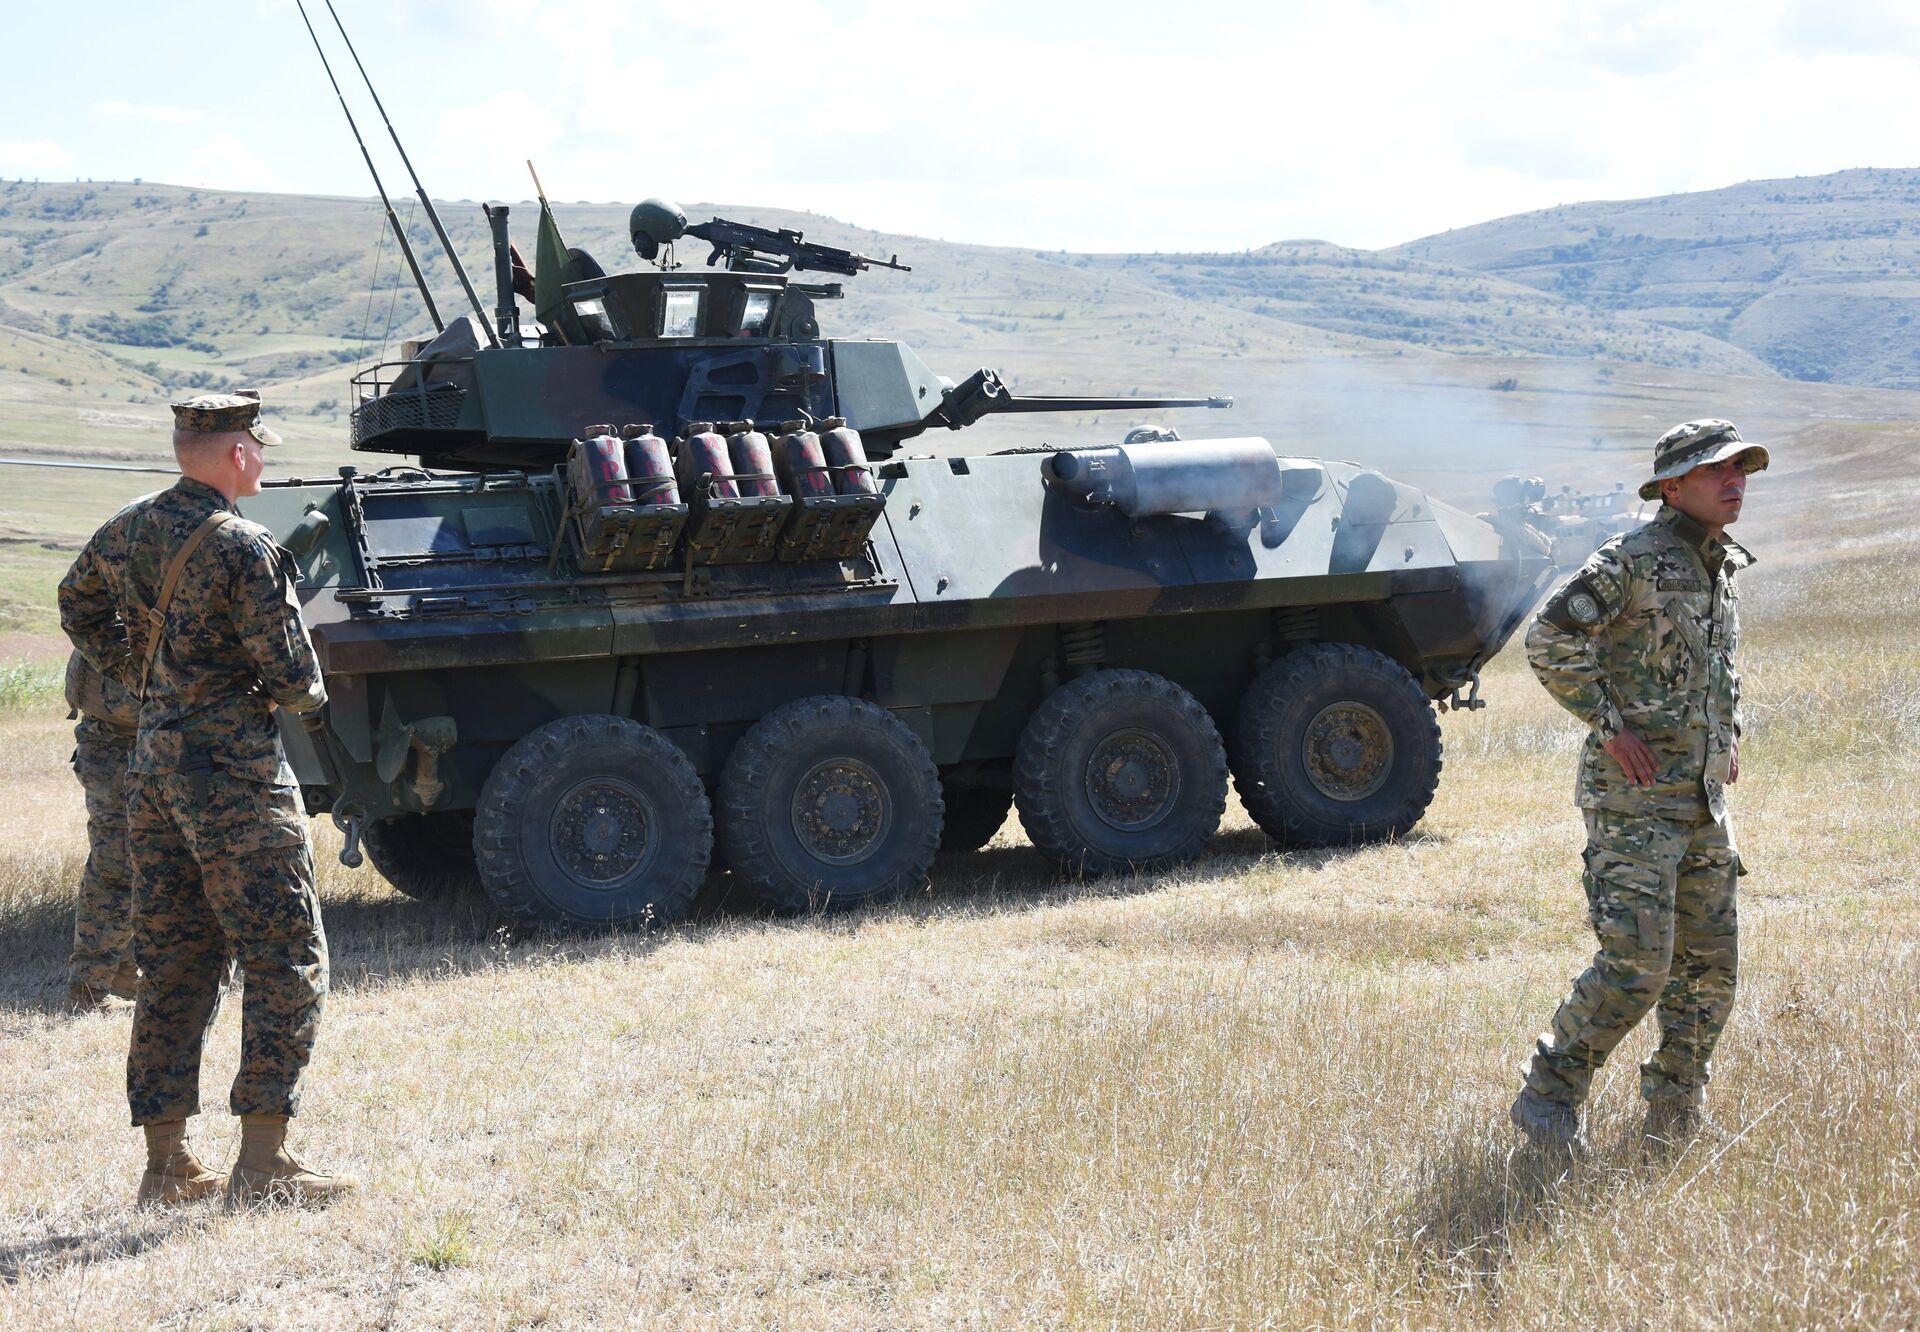 Военнослужащие рядом с легкой бронированной машиной LAV-25 во время учений Agile Spirit-2016 под эгидой НАТО на полигоне Орфоло в Грузии - РИА Новости, 1920, 21.05.2021